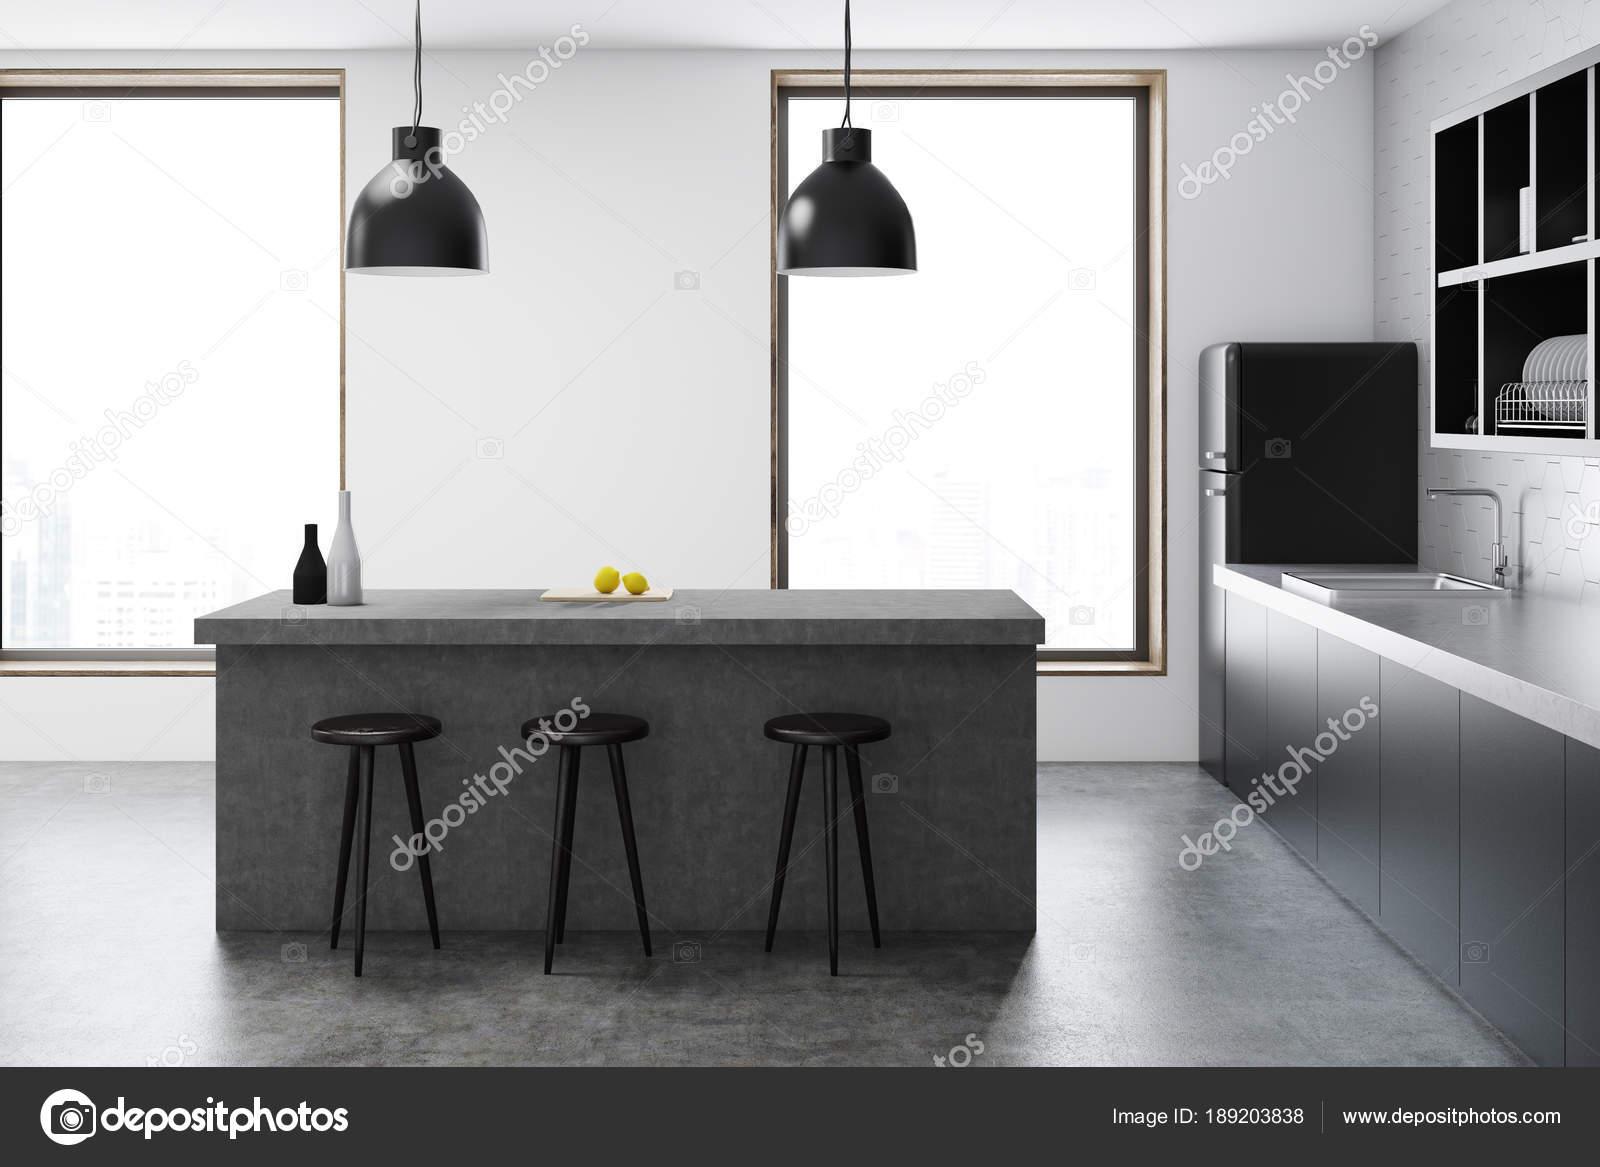 Keuken Moderne Bar : Moderne keuken met bar u stockfoto denisismagilov